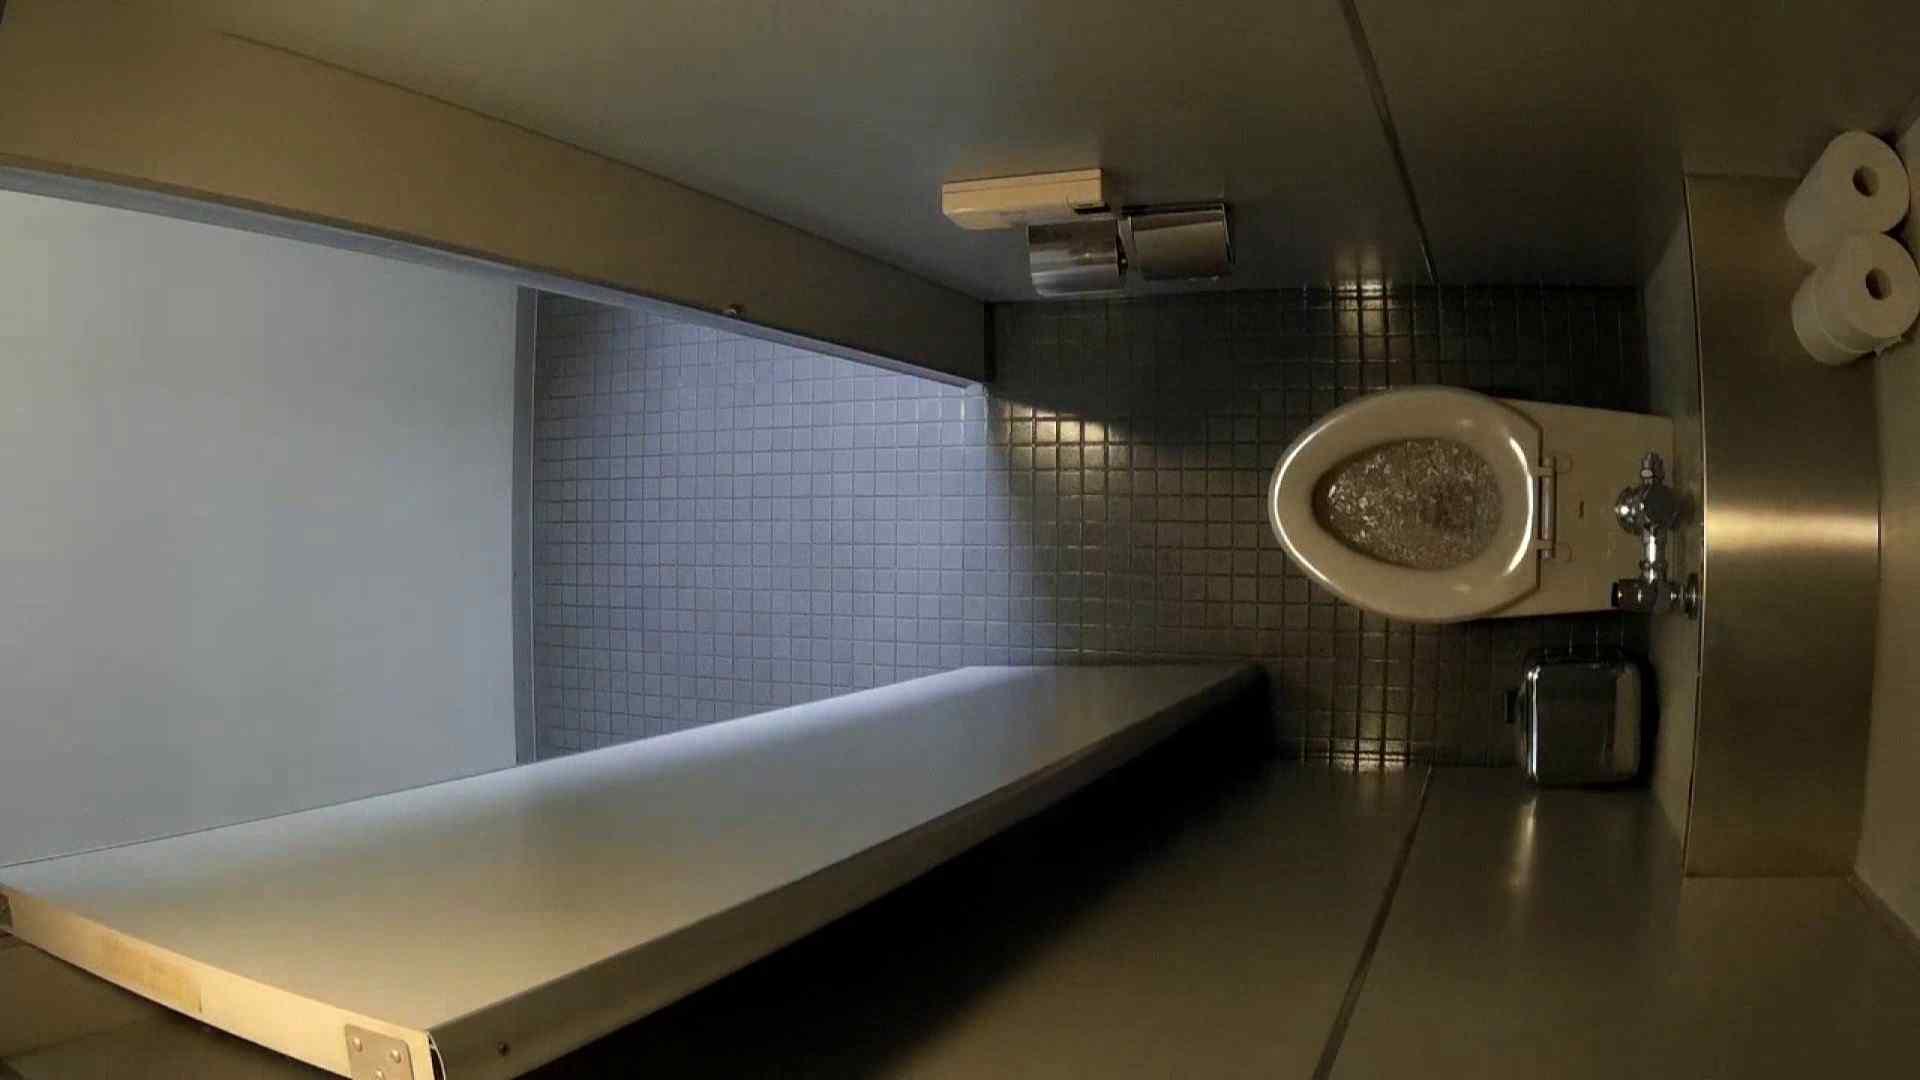 有名大学女性洗面所 vol.45 冴え渡る多方向撮影!職人技です。 潜入 エロ無料画像 88枚 12